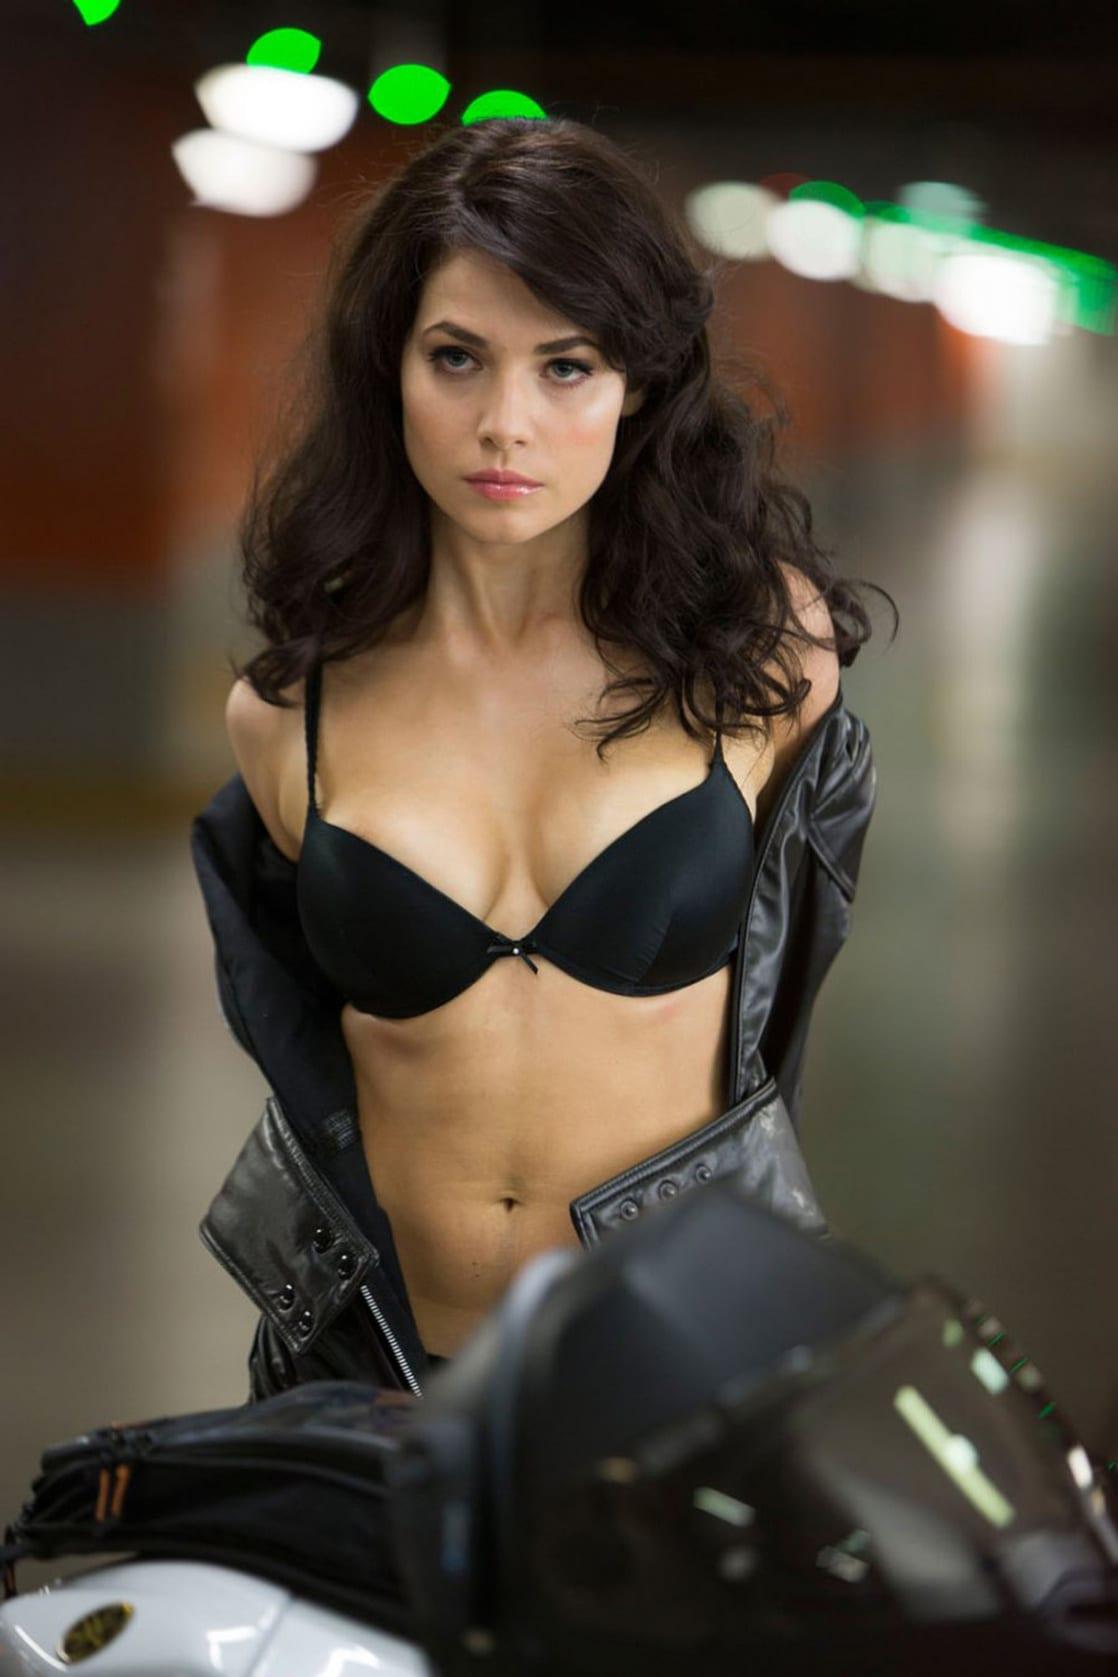 nude pics of yuliya snigir